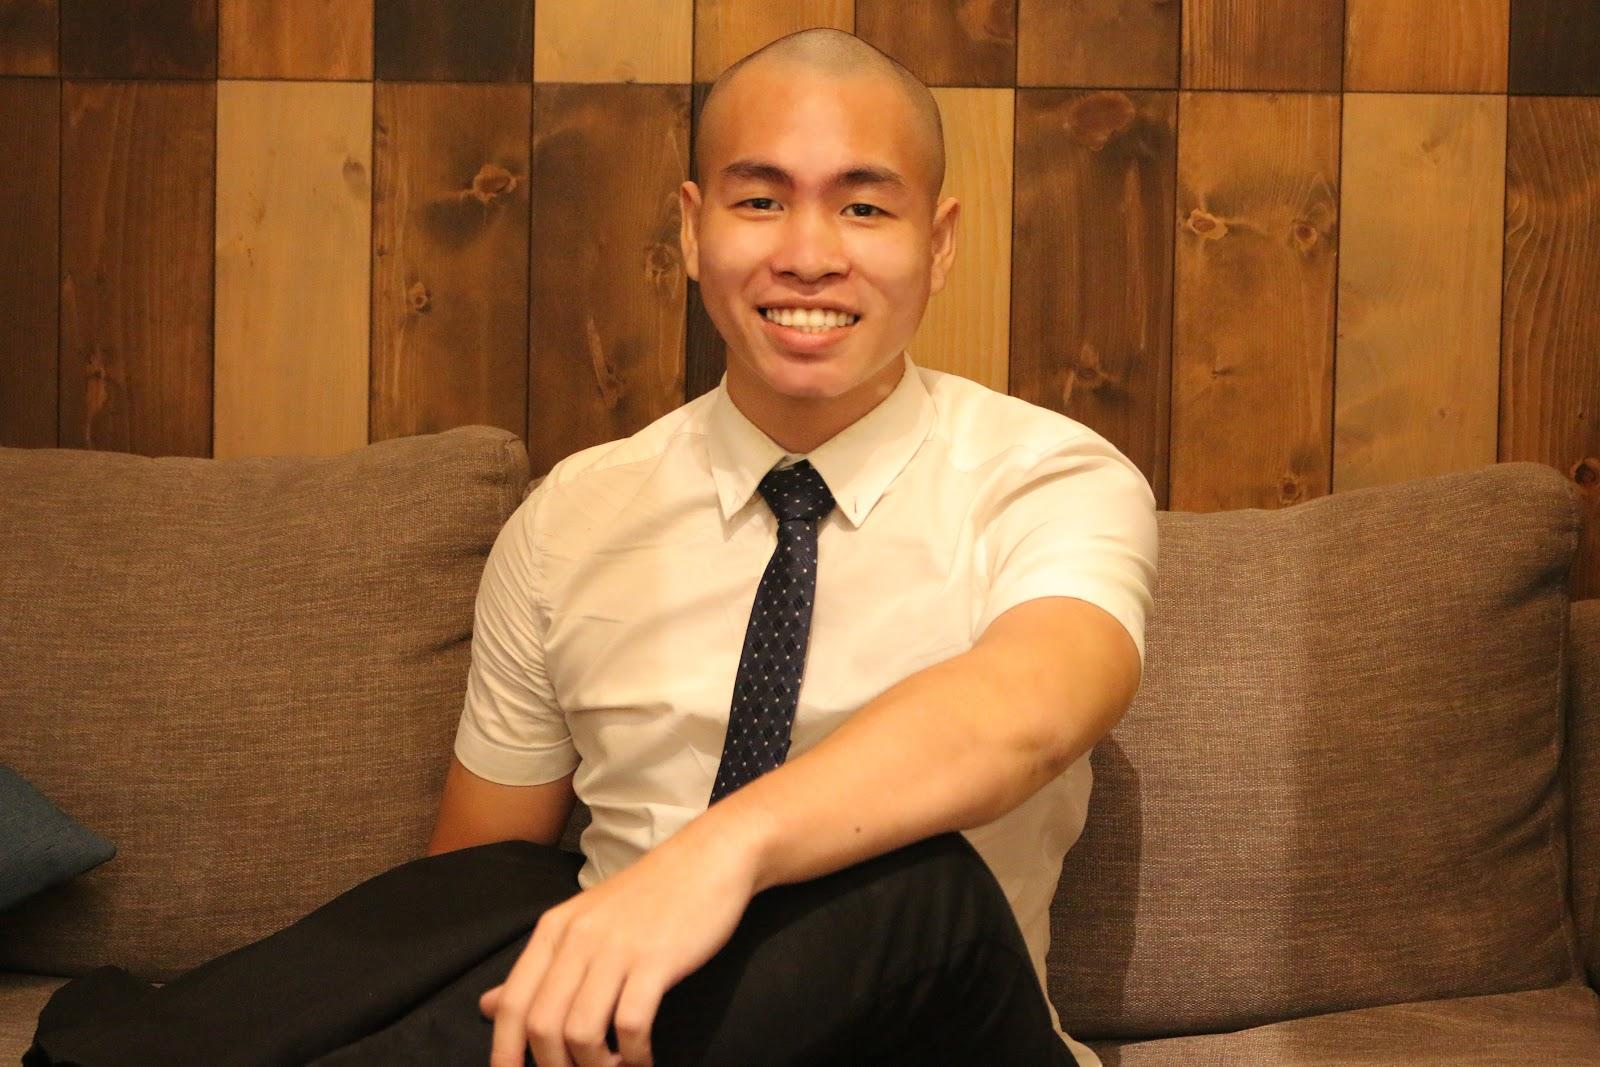 Cựu sinh viên đại học GREENWICH và kế hoạch thương hiệu dẫn đầu ngành giải trí - Ảnh 2